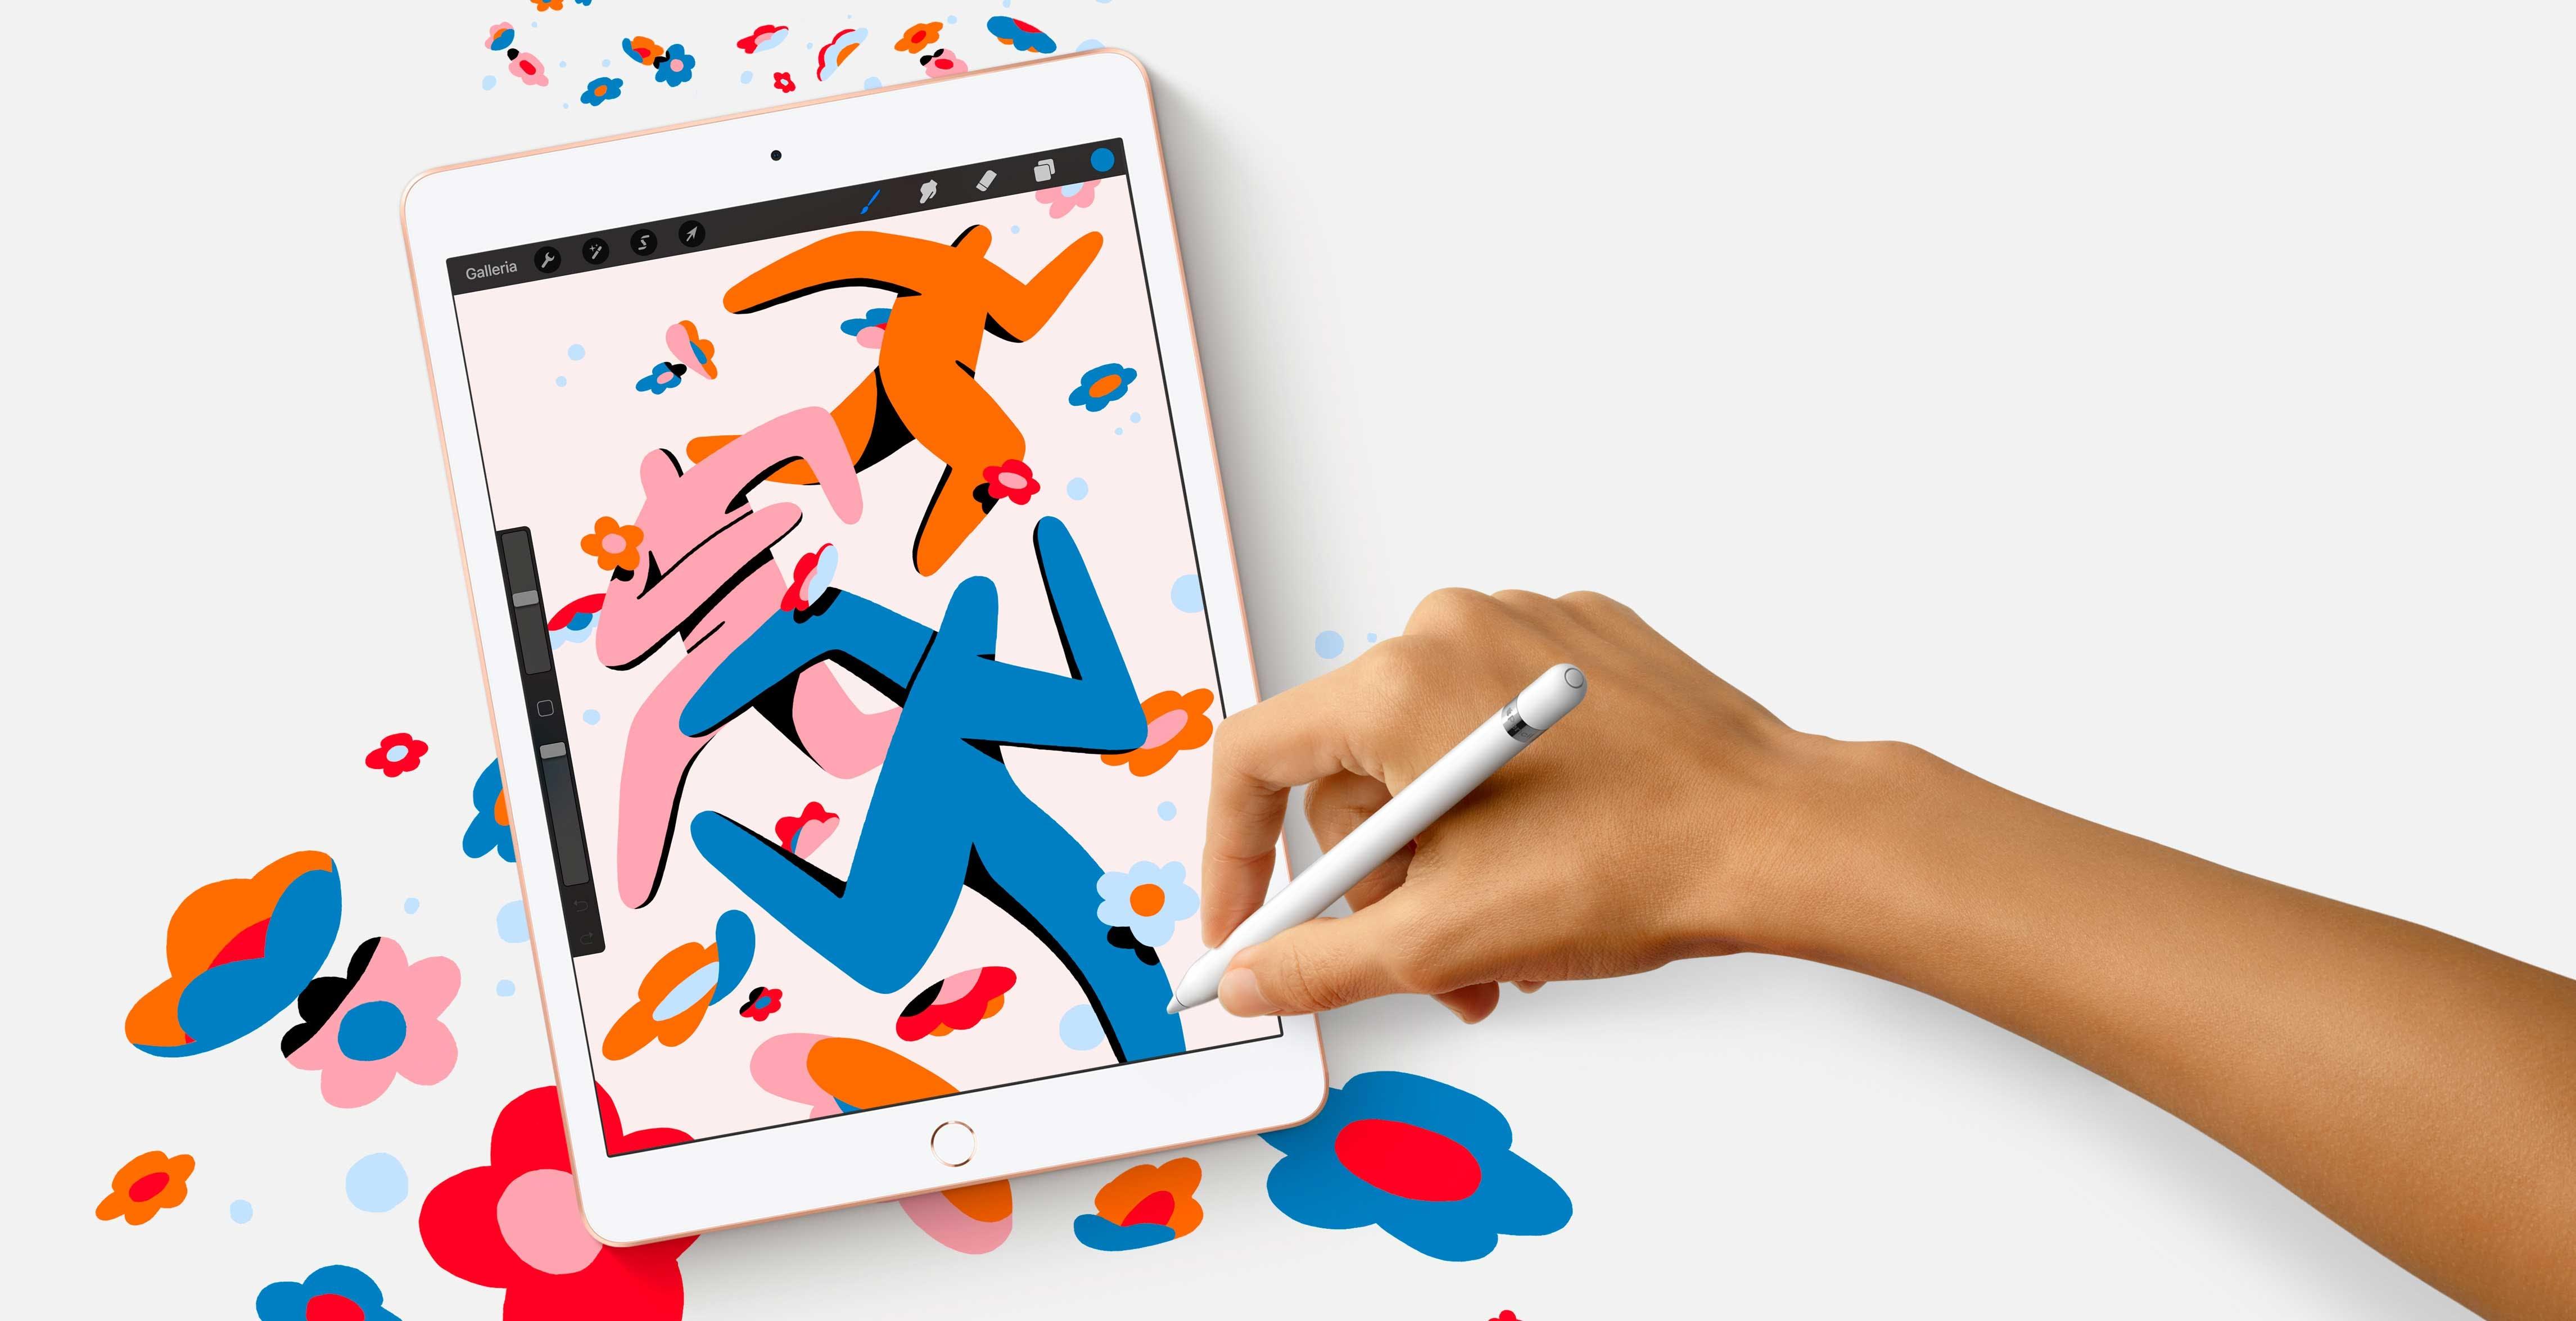 iPad 10.2 a 200 euro e iPhone 12 a 700 euro: quando un supermercato batte tutti (Amazon incluso)